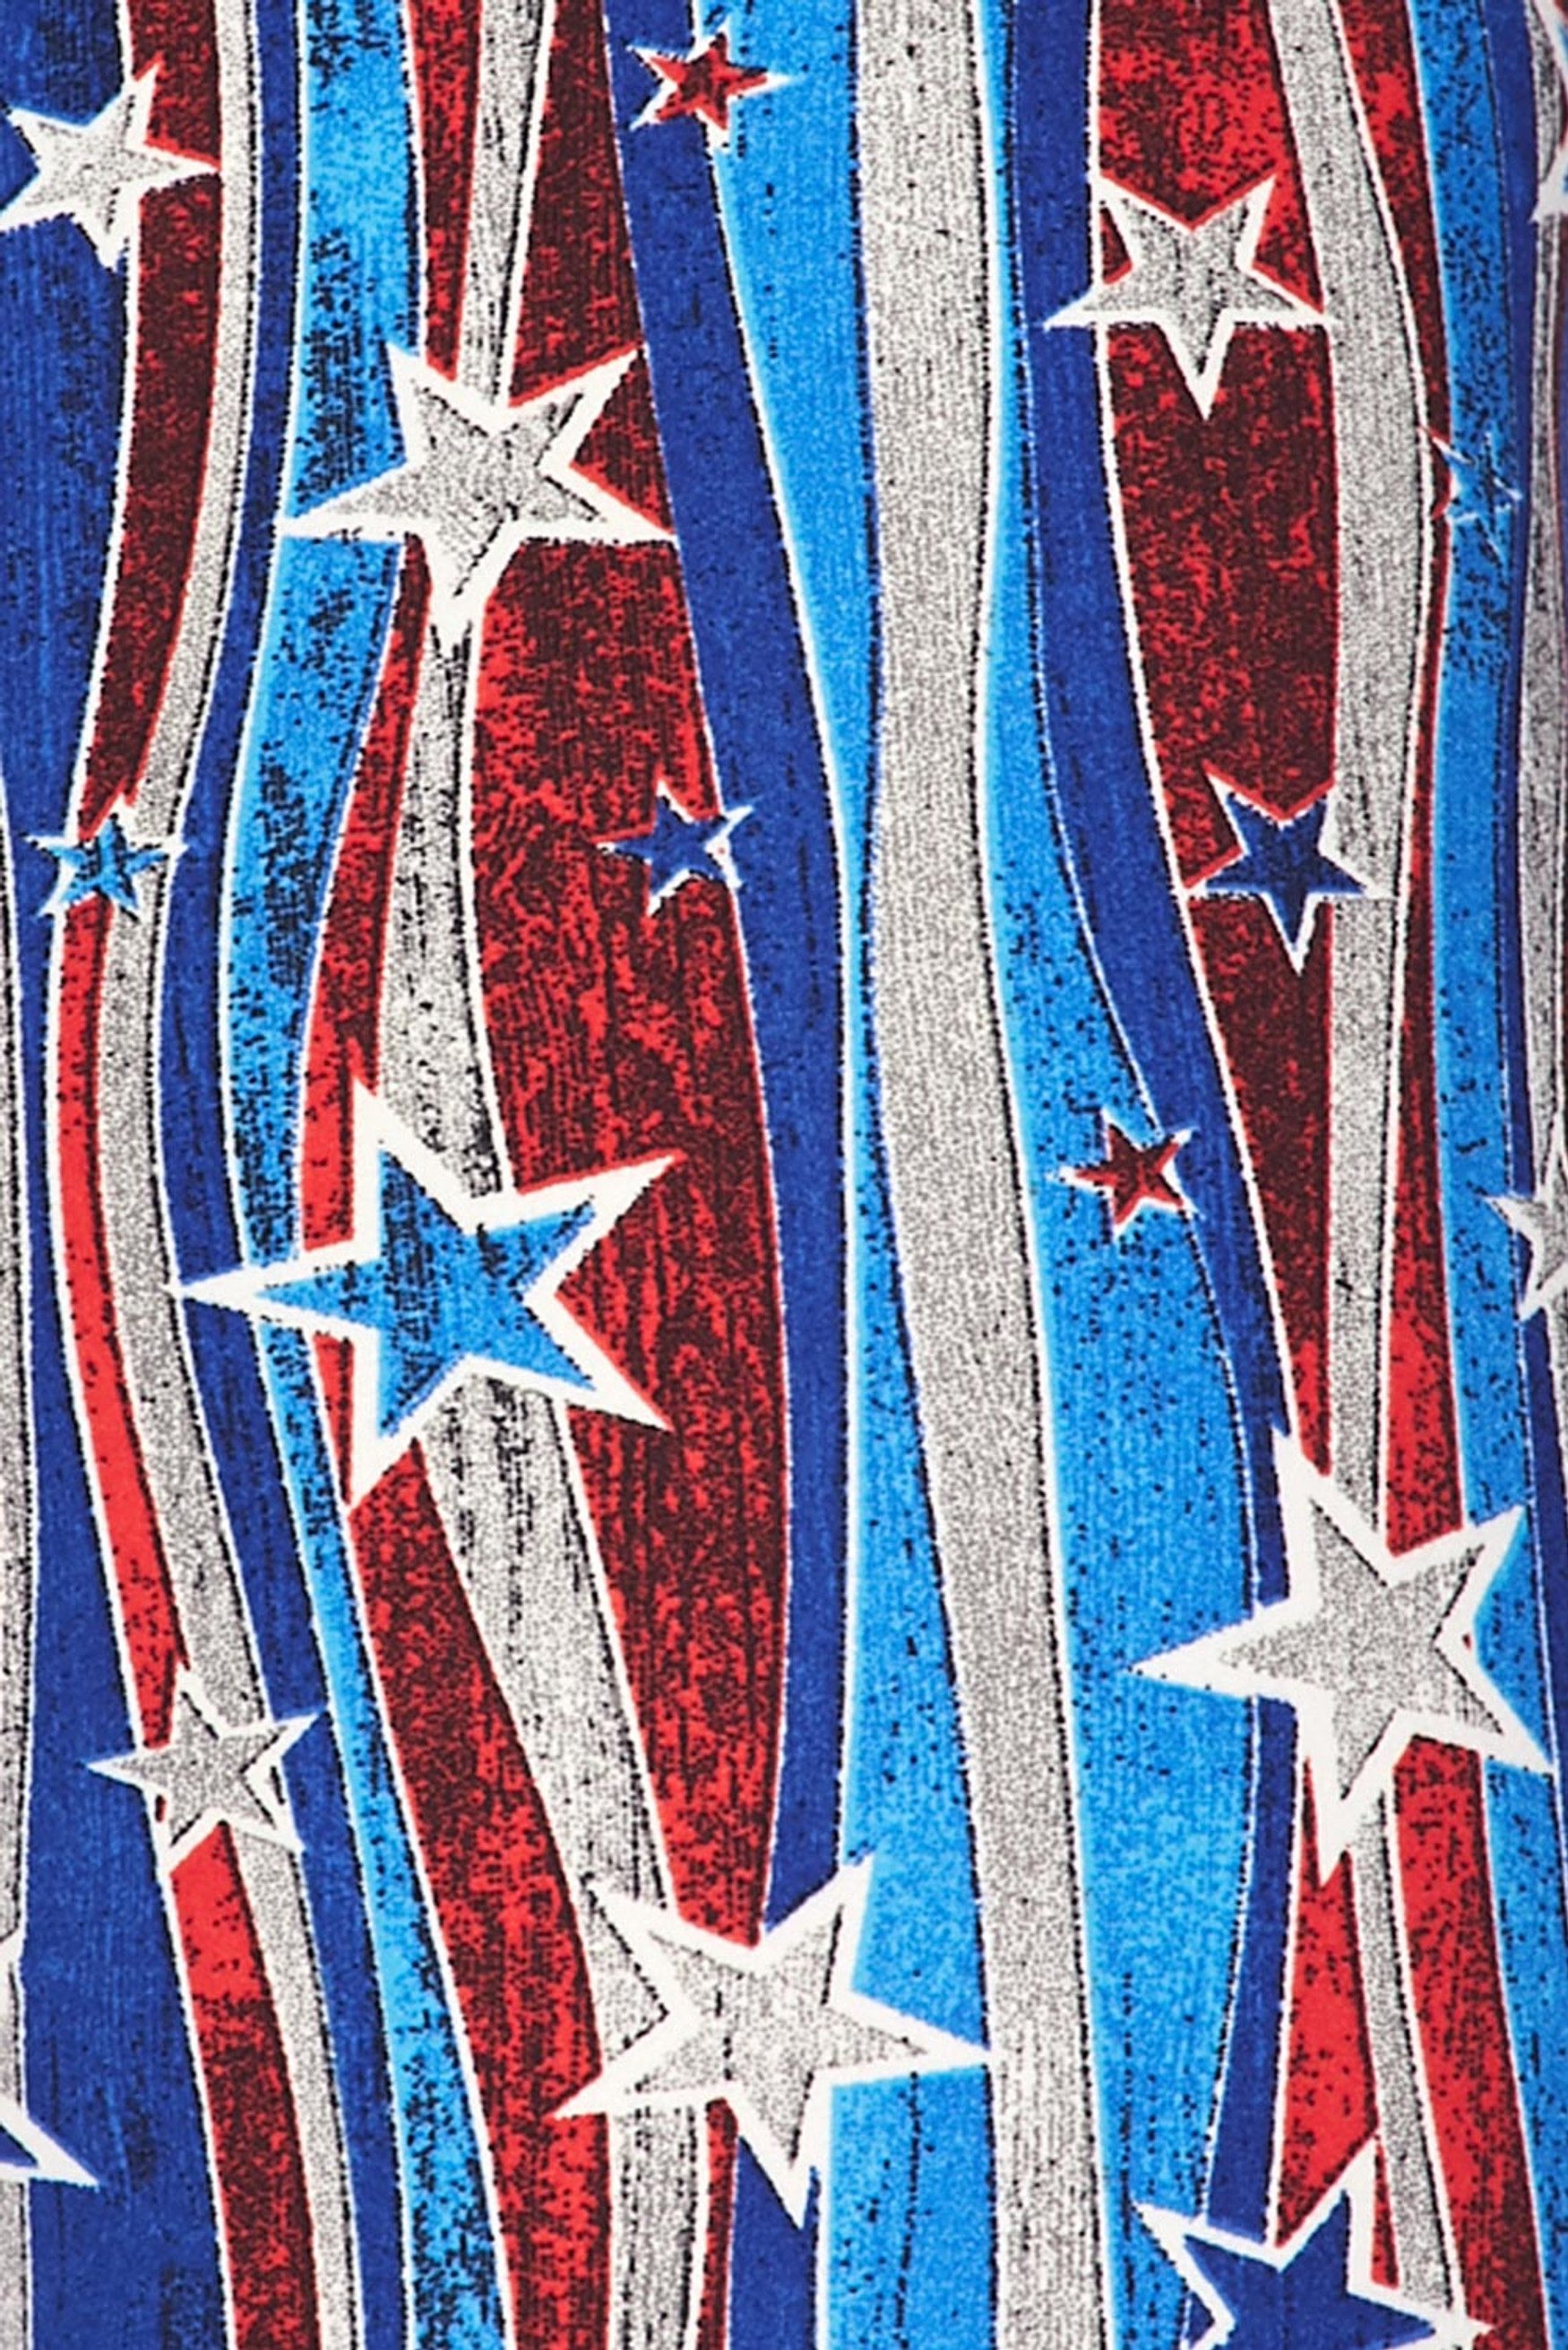 Brushed Metallic USA Flag Plus Size Leggings - 3X-5X